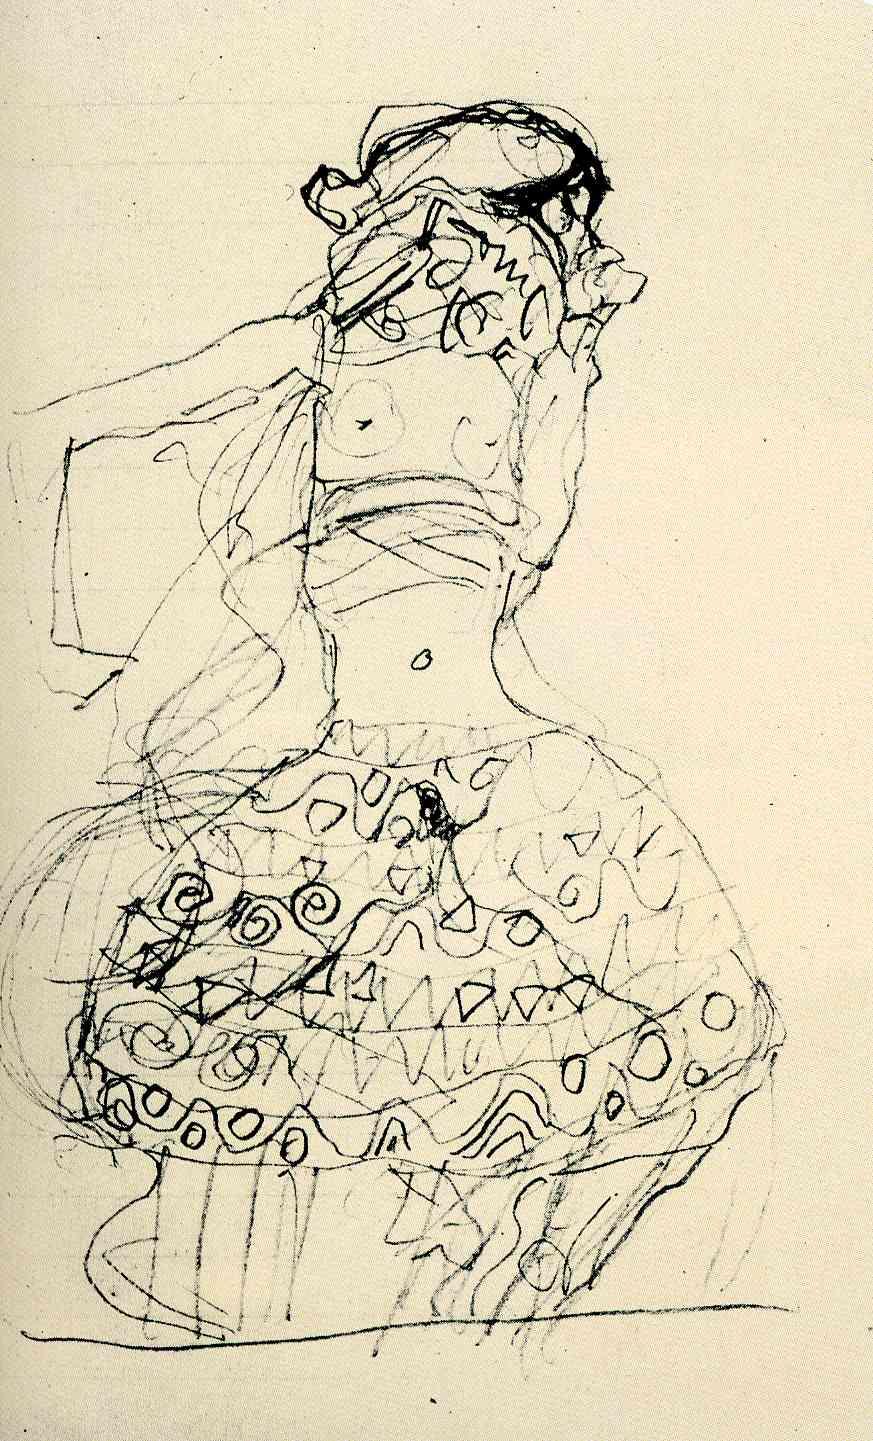 Gustav_Klimt_erotica_sensual24